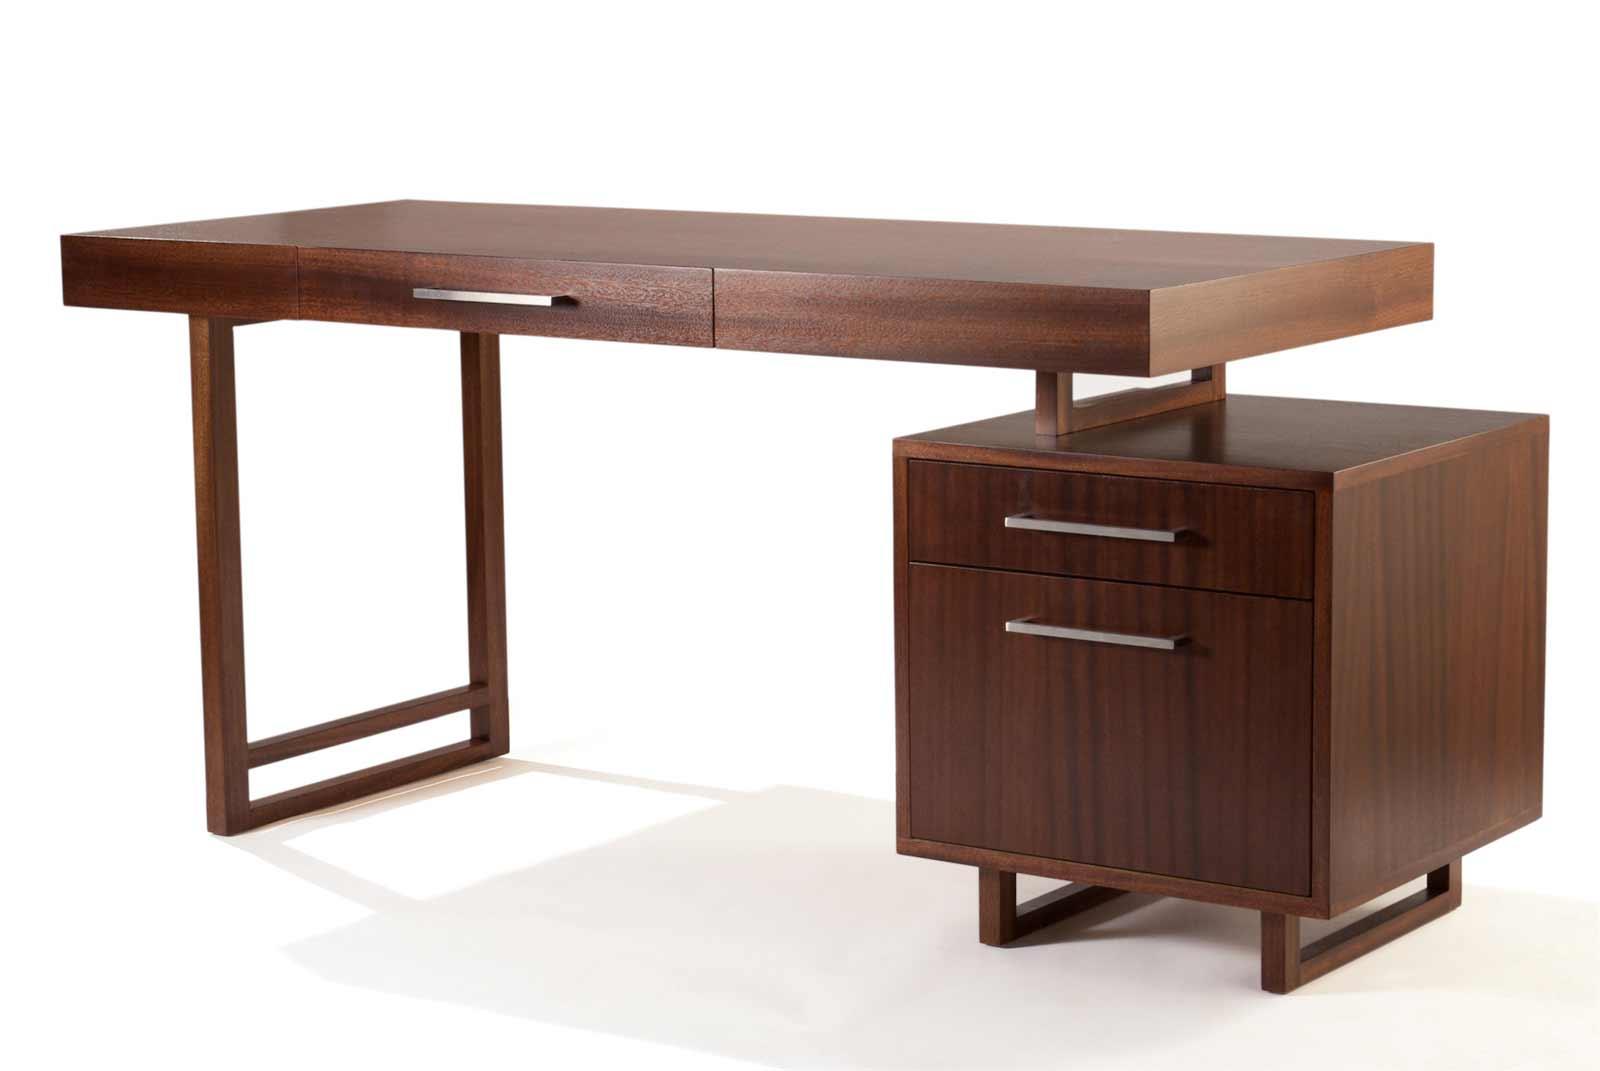 The Design for Cool Office Desks